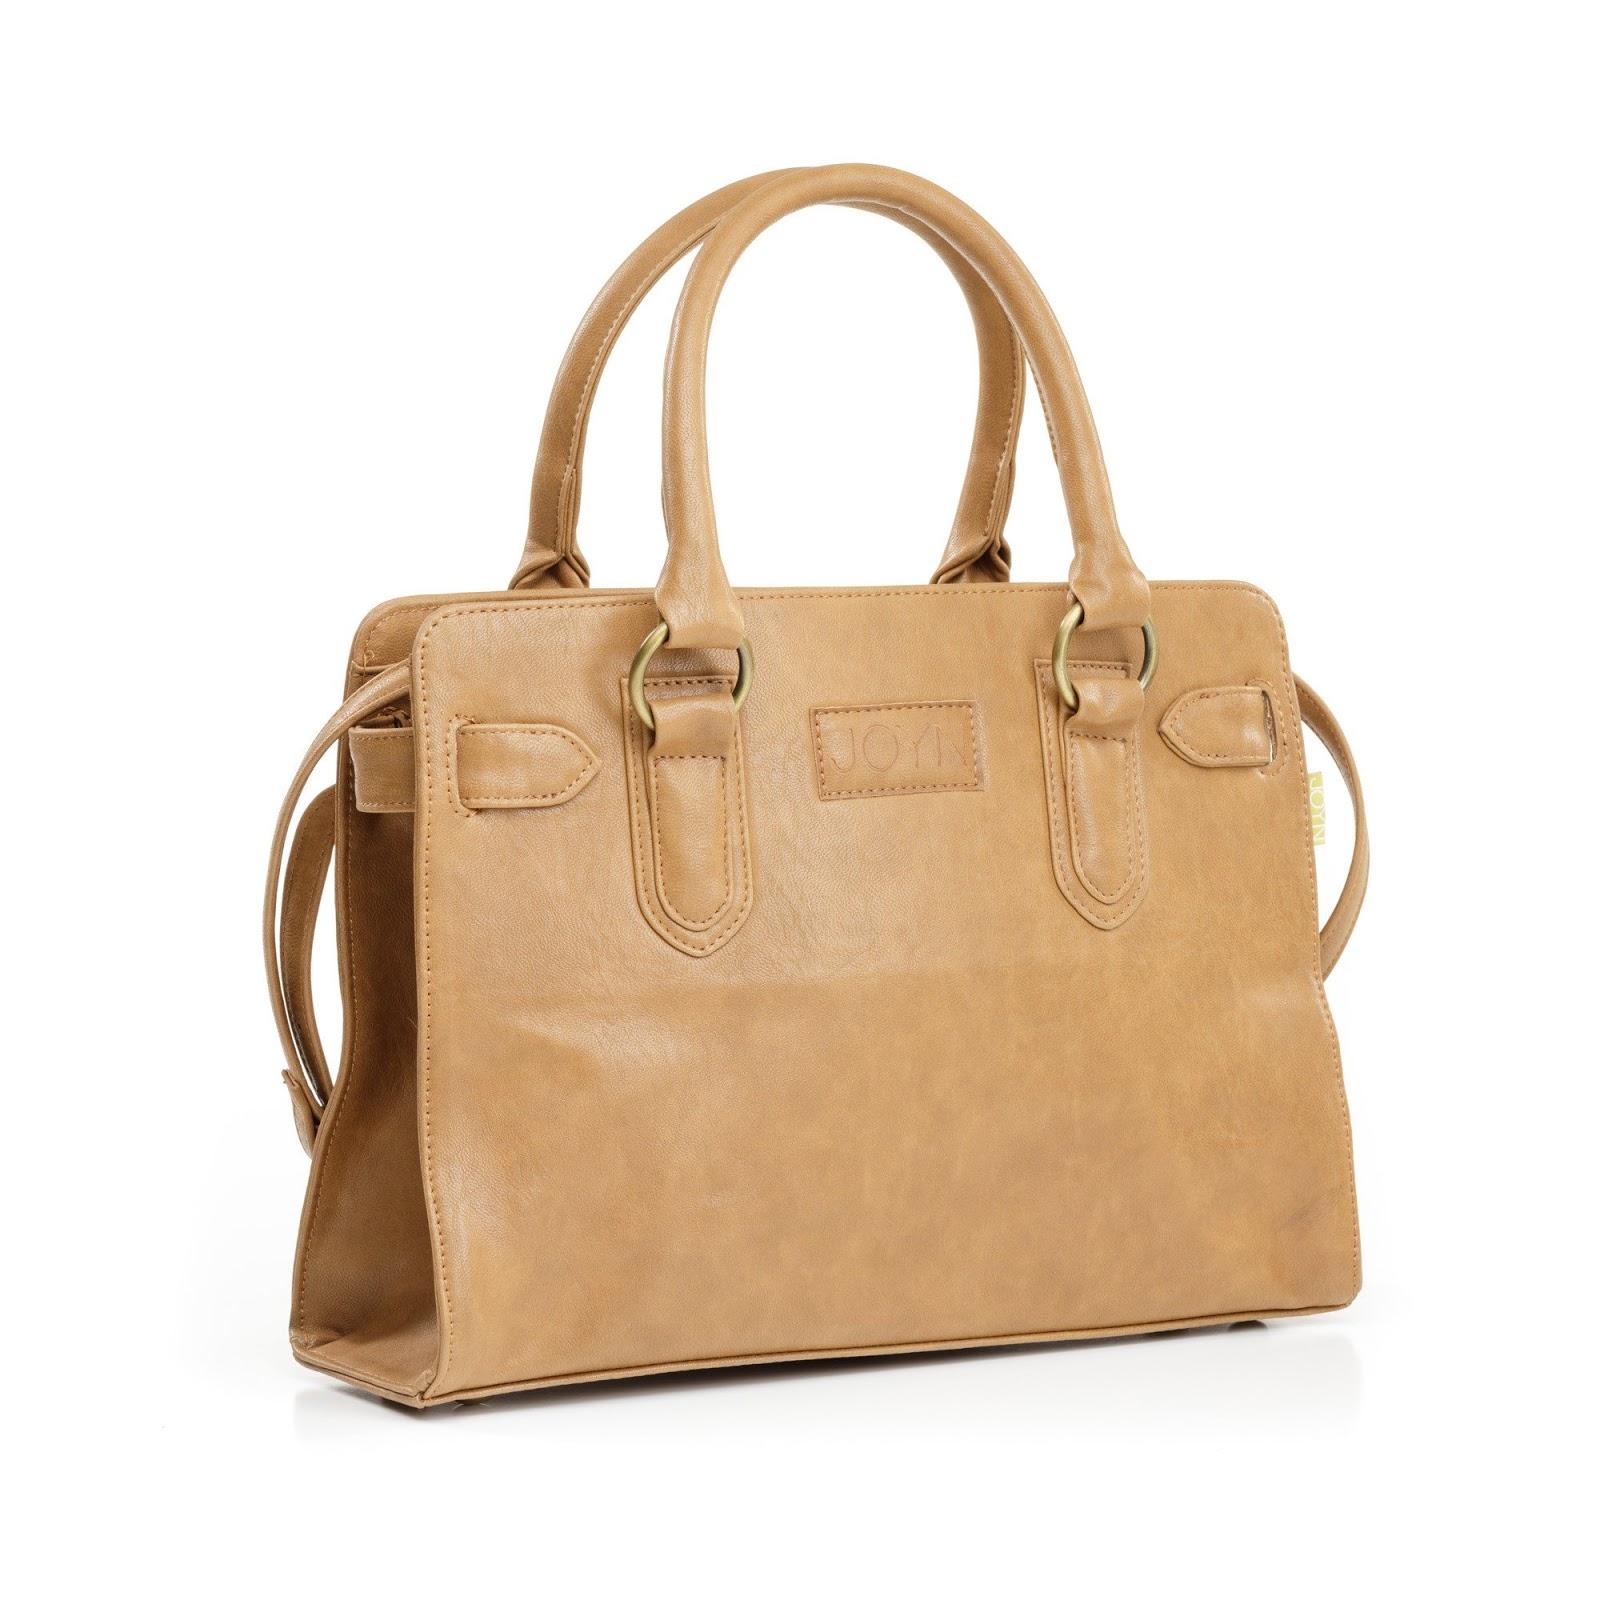 Joyn Mamta Vegan Handbag In Camel